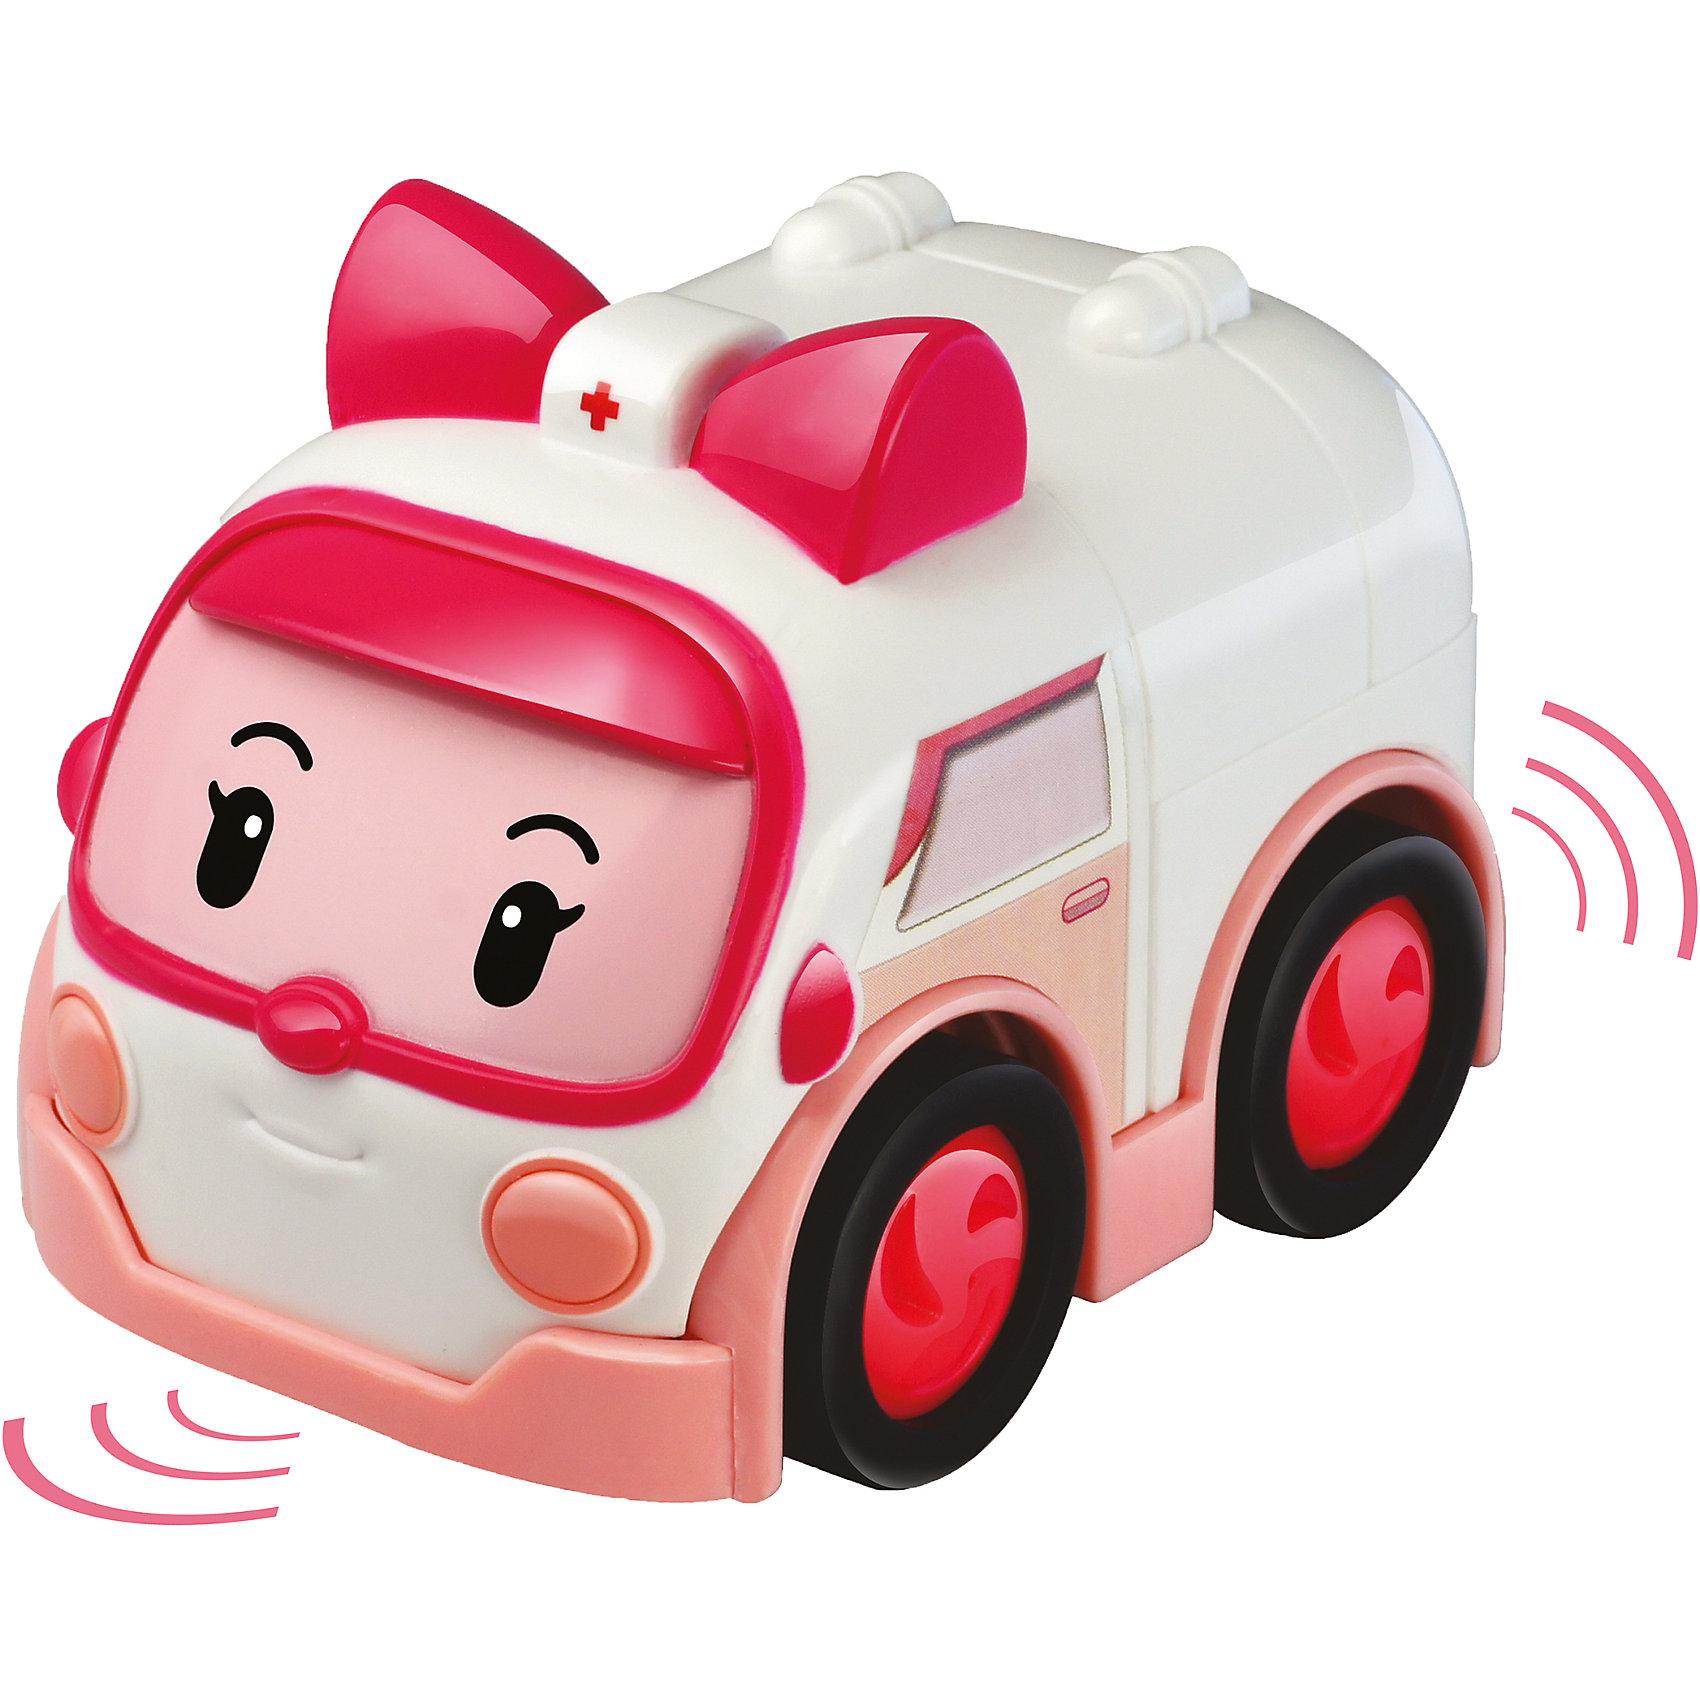 Умная машинка Эмбер, 6 см, Робокар ПолиУмная машинка Эмбер, 6 см, Робокар Поли – скорая помощь из мультфильма «Робокар Поли», которая является членом команды спасателей и всегда придет на помощь своим друзьям и жителям городка Брумс. Эта машинка отличается от обычных тем, что является умной – она знает правила дорожного движения, может самостоятельно ехать по трекам всех игровых наборов серии «Робокар Поли», используя встроенный аккумулятор, а если перед ней возникнет препятствие, она останавливается за несколько сантиметров до него, предотвращая аварию.<br><br>Характеристики:<br>-Развивает: воображение, память, логическое мышление, мелкую моторику, речь, фантазию<br>-Игрушка выполнена из высококачественного пластика, с аккуратно обработанными краями, использованные красители не токсичны и гипоаллергенны<br>-Игрушка отлично подойдет как для игры по мотивам мультфильма «Робокар Поли», так и для придумывания новых историй<br>-Можно собрать всю коллекцию машин-спасателей (скорая помощь, пожарная машина, вертолет и полицейский) и разнообразить игры<br>-2 варианта движения машинки: инерционный или на основе встроенного аккумулятора (необходима станция подзарядки)<br><br>Дополнительная информация:<br>-Материалы: пластик<br>-Размеры в упаковке: 12х7х13 см<br>-Вес в упаковке: 94 г<br>-Размер машинки: 6 см<br>-Внимание! Станция подзарядки Energy station (Энерджи Стэйшн) покупается отдельно в составе игровых наборов-треков Умные машинки<br><br>Ребенку будет интересно играть с машинкой скорой помощи Эмбер, ехать по вызову и спасать жителей городка Брумстаун!<br><br>Умную машинку Эмбер, 6 см, Робокар Поли можно купить в нашем магазине.<br><br>Ширина мм: 120<br>Глубина мм: 80<br>Высота мм: 130<br>Вес г: 94<br>Возраст от месяцев: 36<br>Возраст до месяцев: 84<br>Пол: Унисекс<br>Возраст: Детский<br>SKU: 4281696